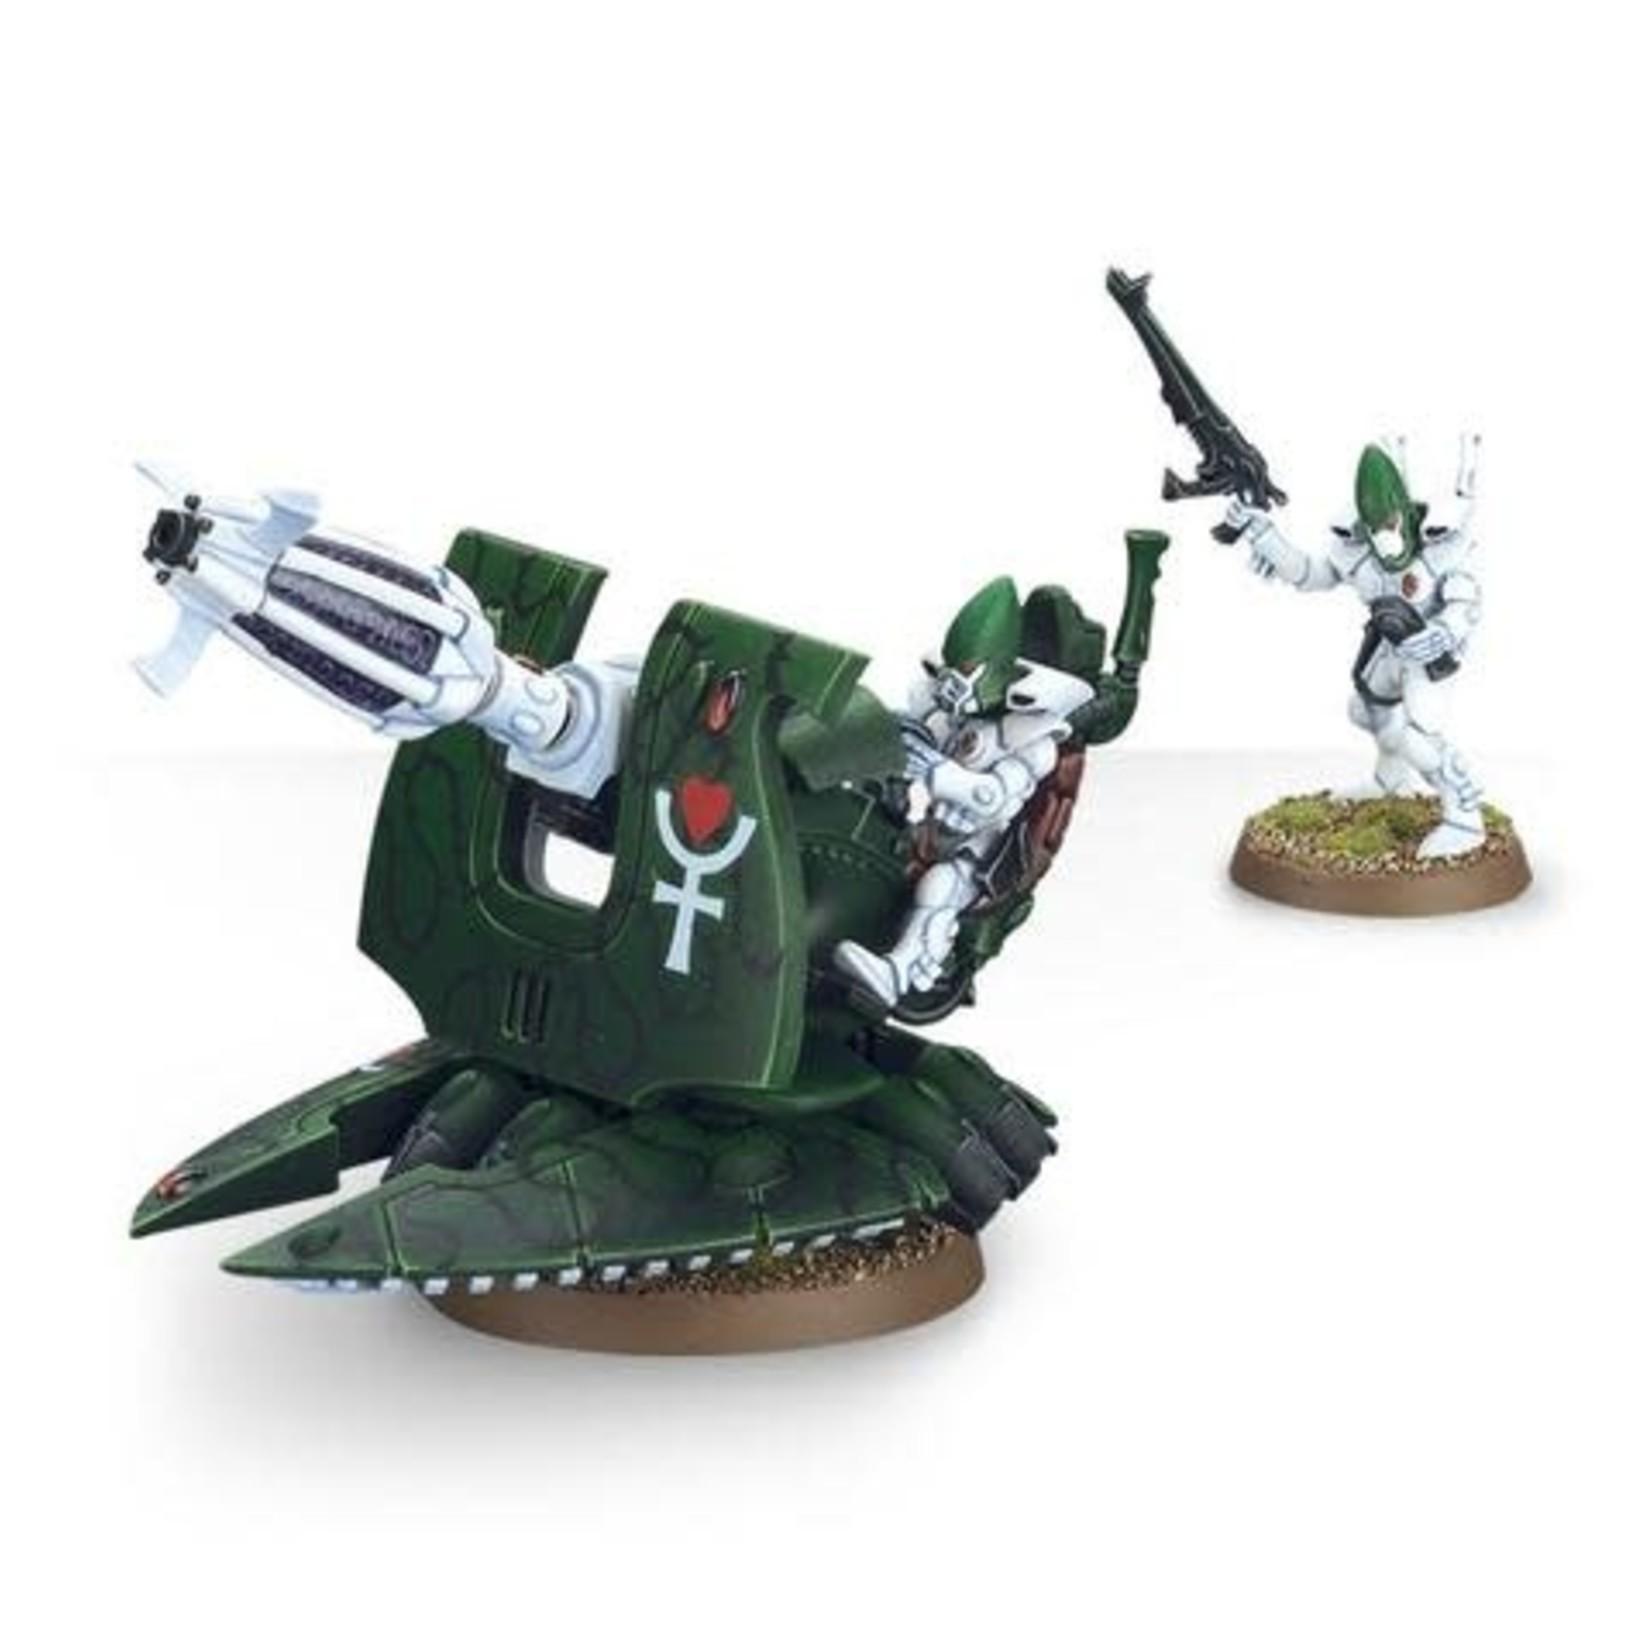 Warhammer 40K Eldar Support Weapon